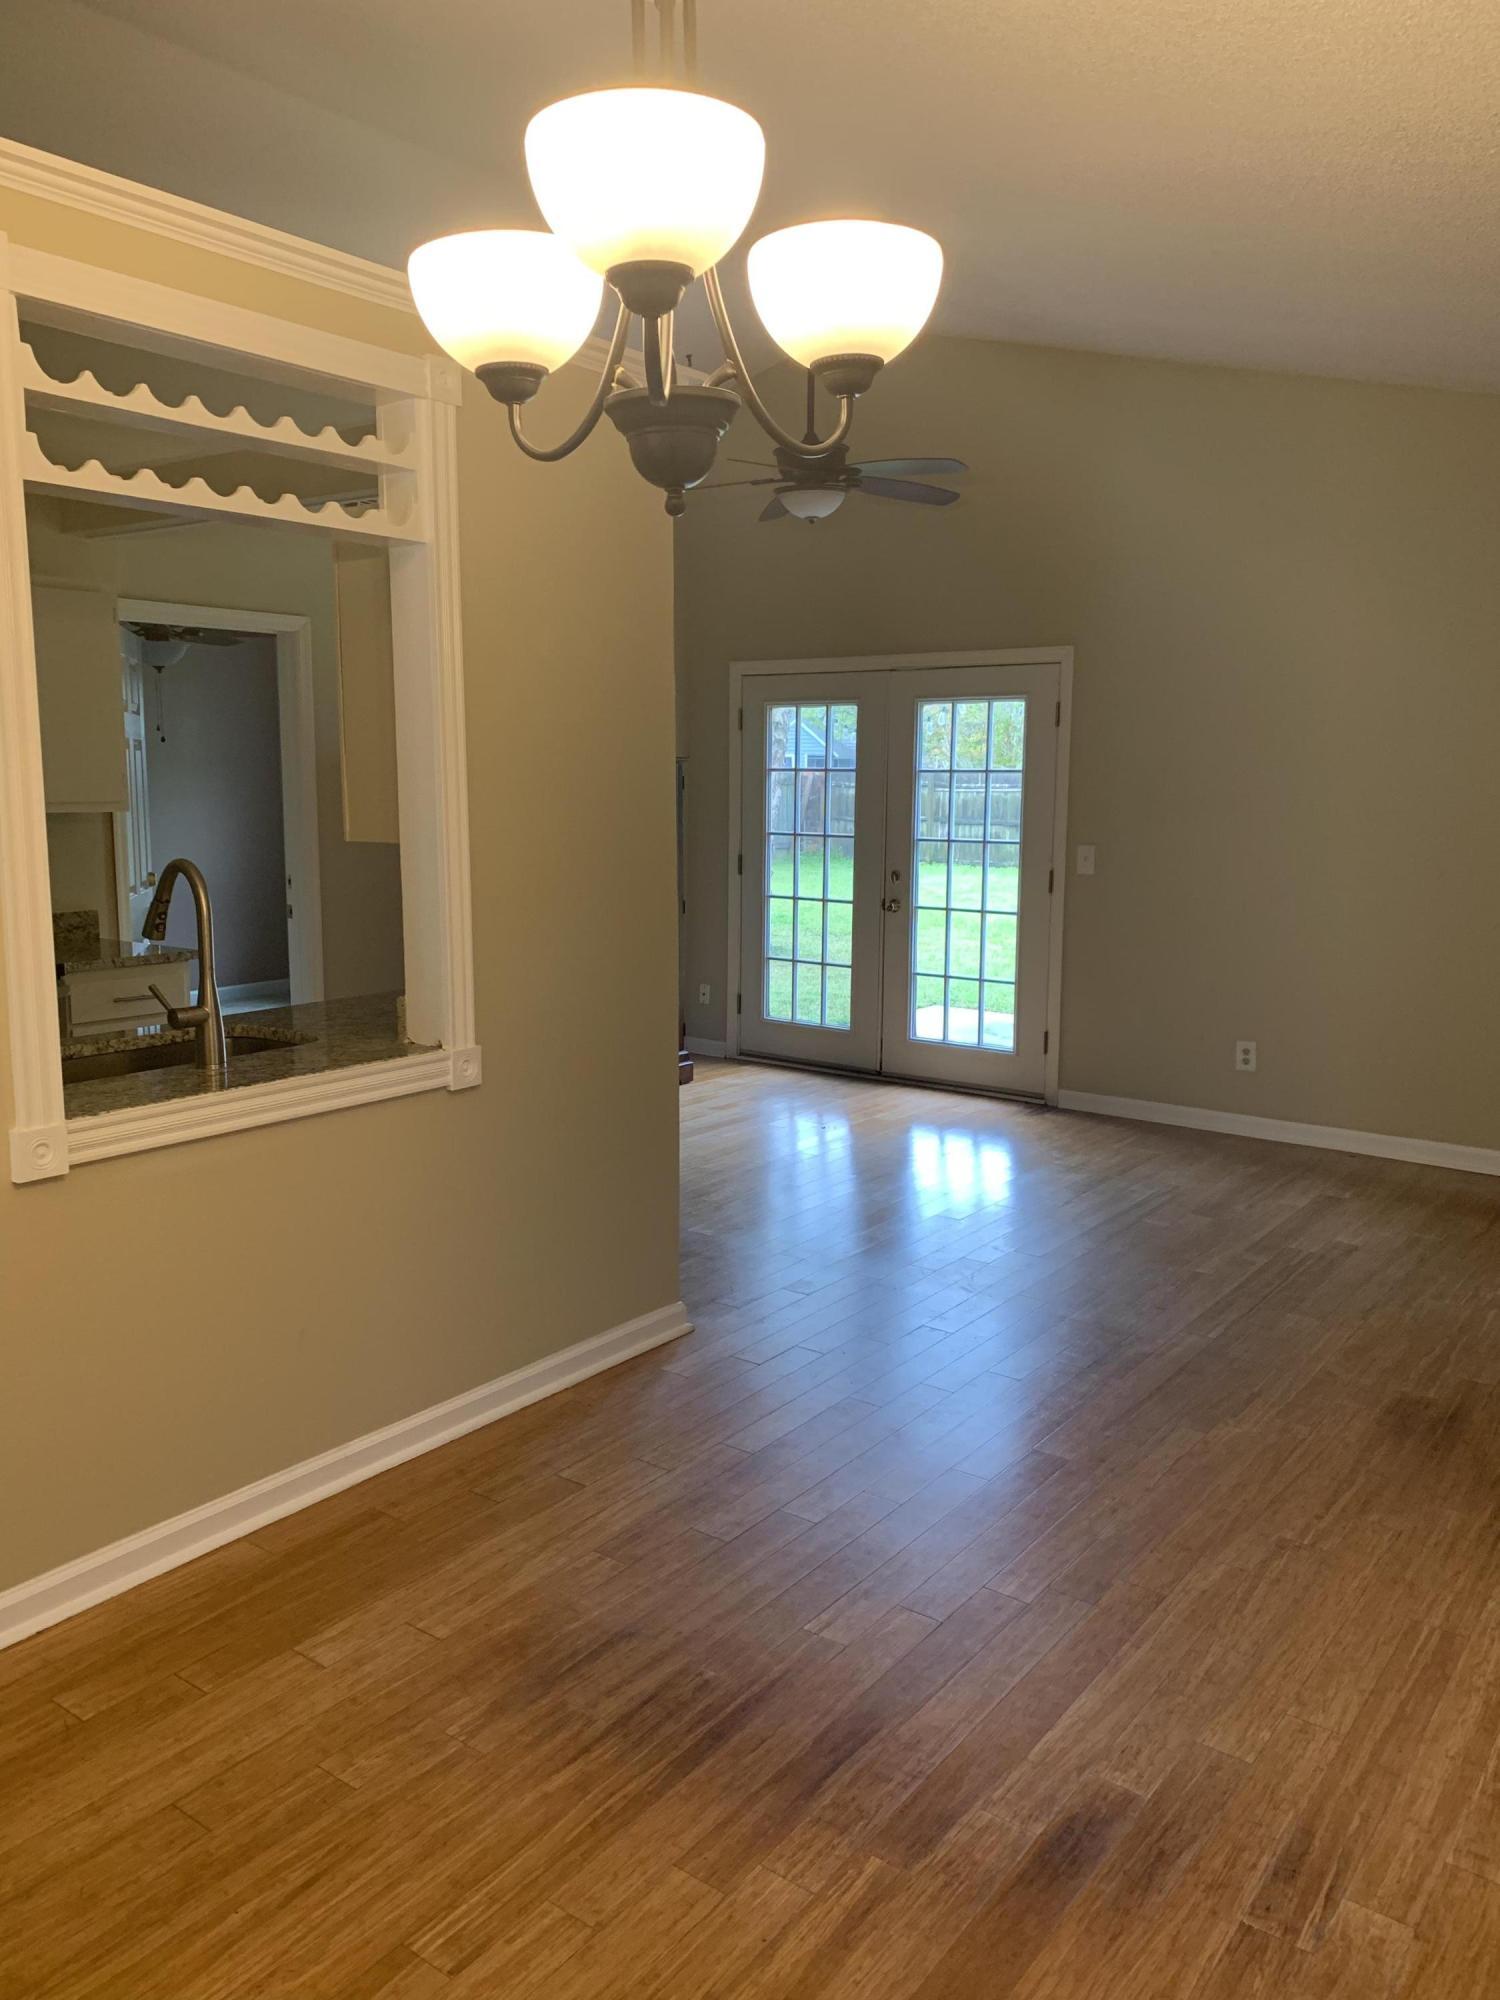 Willow Walk Homes For Sale - 1144 Oakcrest, Charleston, SC - 4